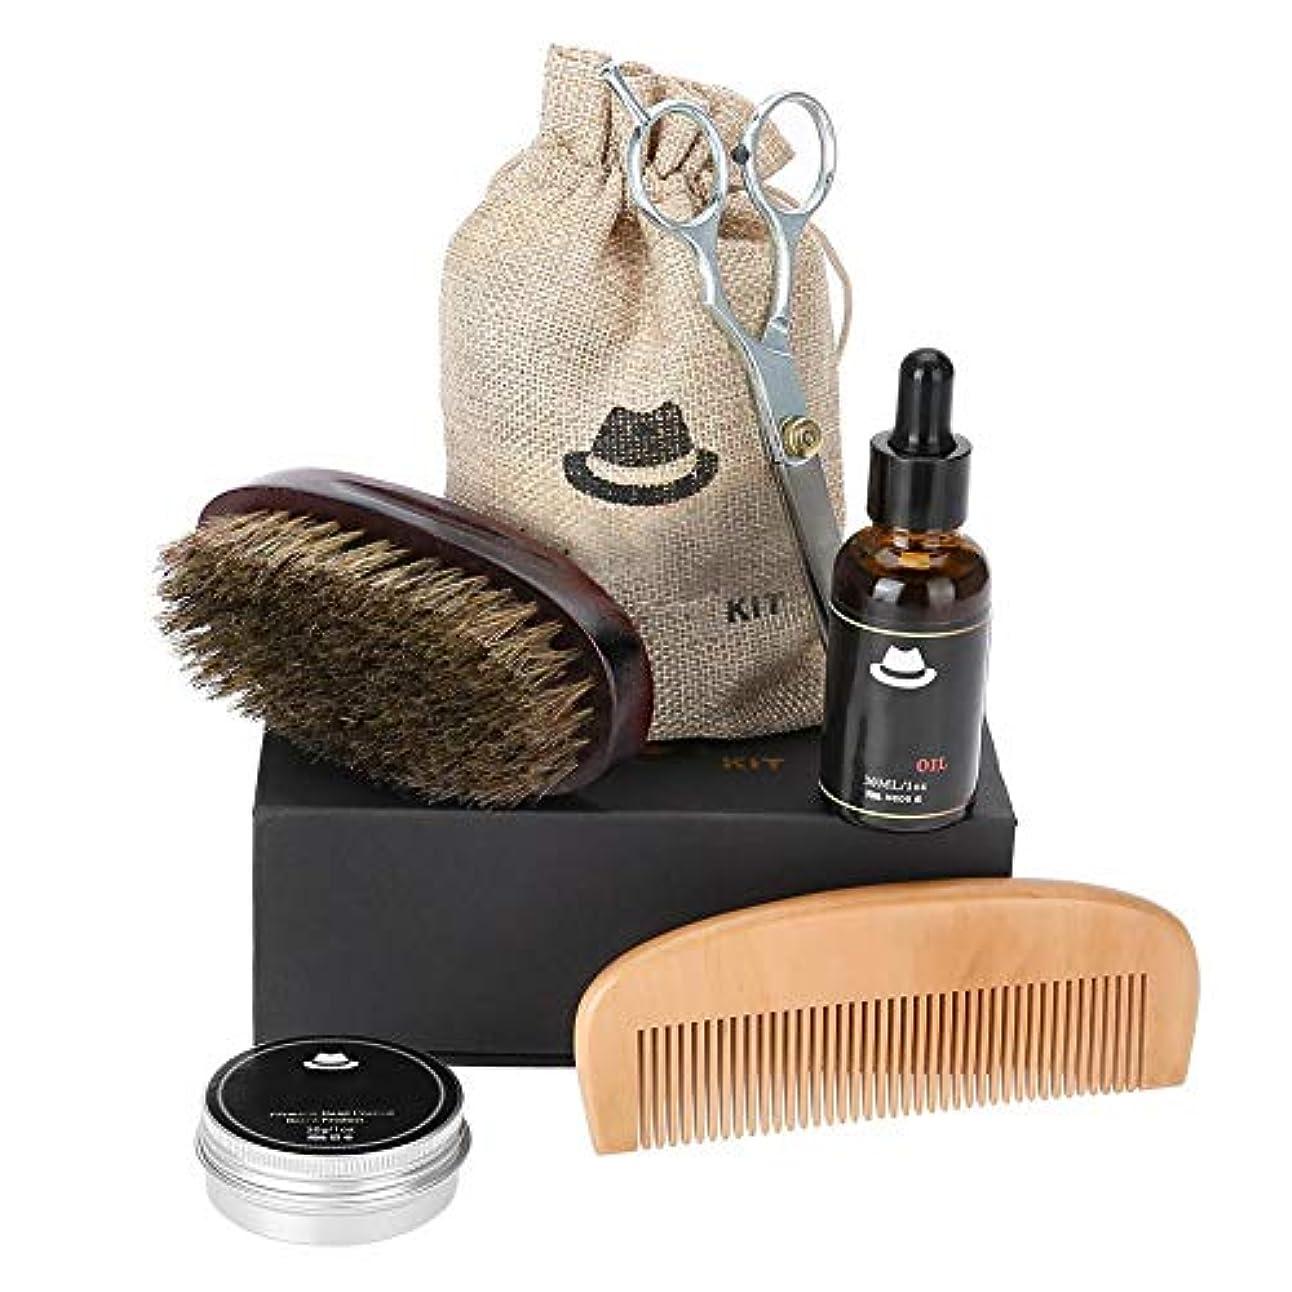 物思いにふける痴漢運動する男性用のひげケアキット、ひげ油でセットされたひげグルーミングセット、ウッドコーム、イノシシ剛毛ブラシ、バーム、分岐部を減らし、口ひげを柔らかく滑らかに保つ